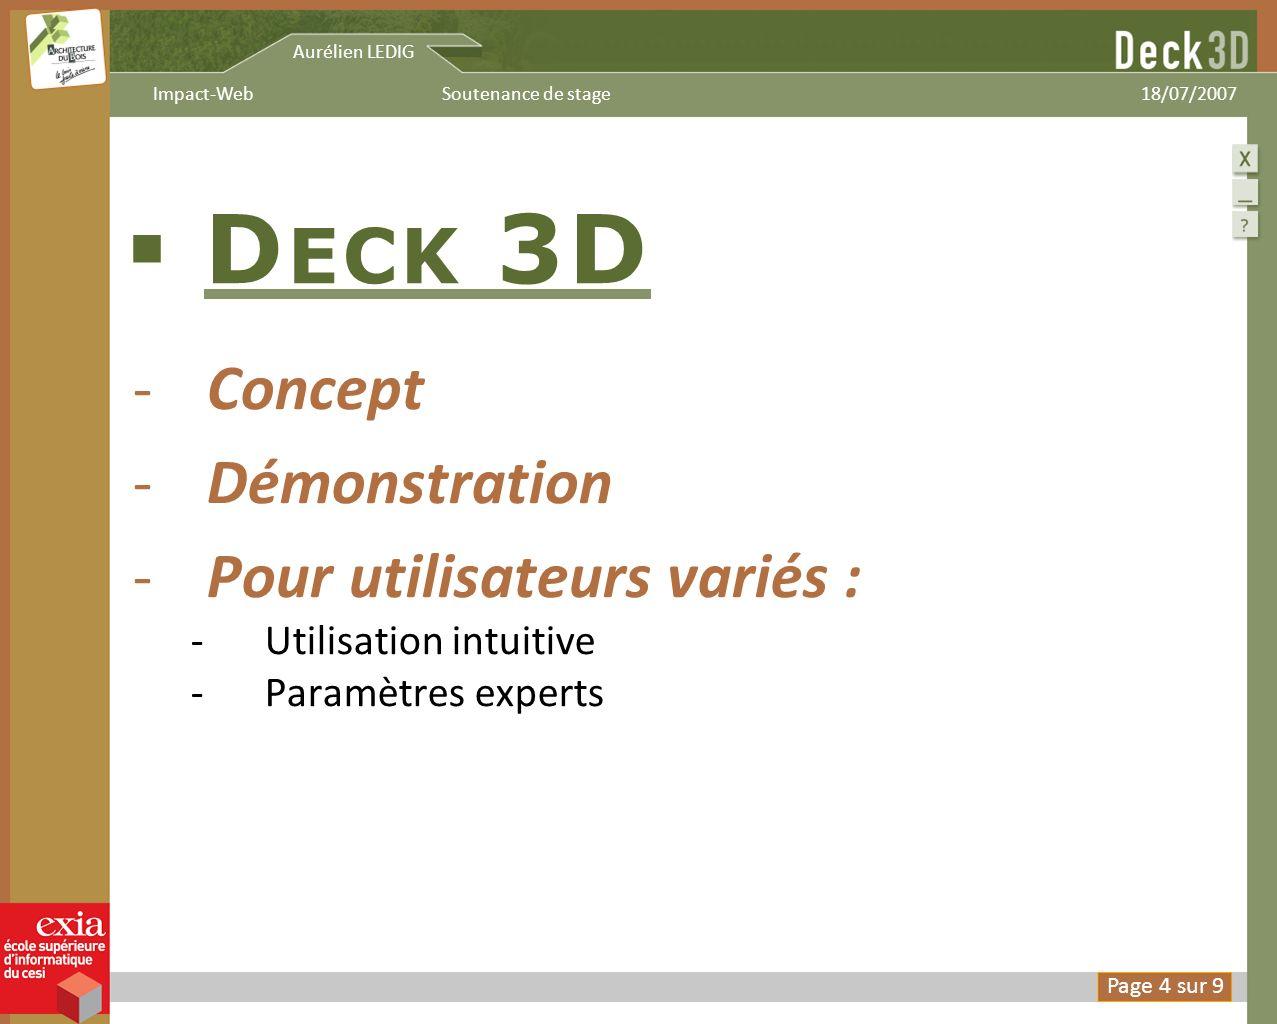 Aurélien LEDIG 18/07/2007Soutenance de stageImpact-Web D ECK 3D -Concept -Démonstration -Utilisations diverses : -Utilisation intuitive -Paramètres experts